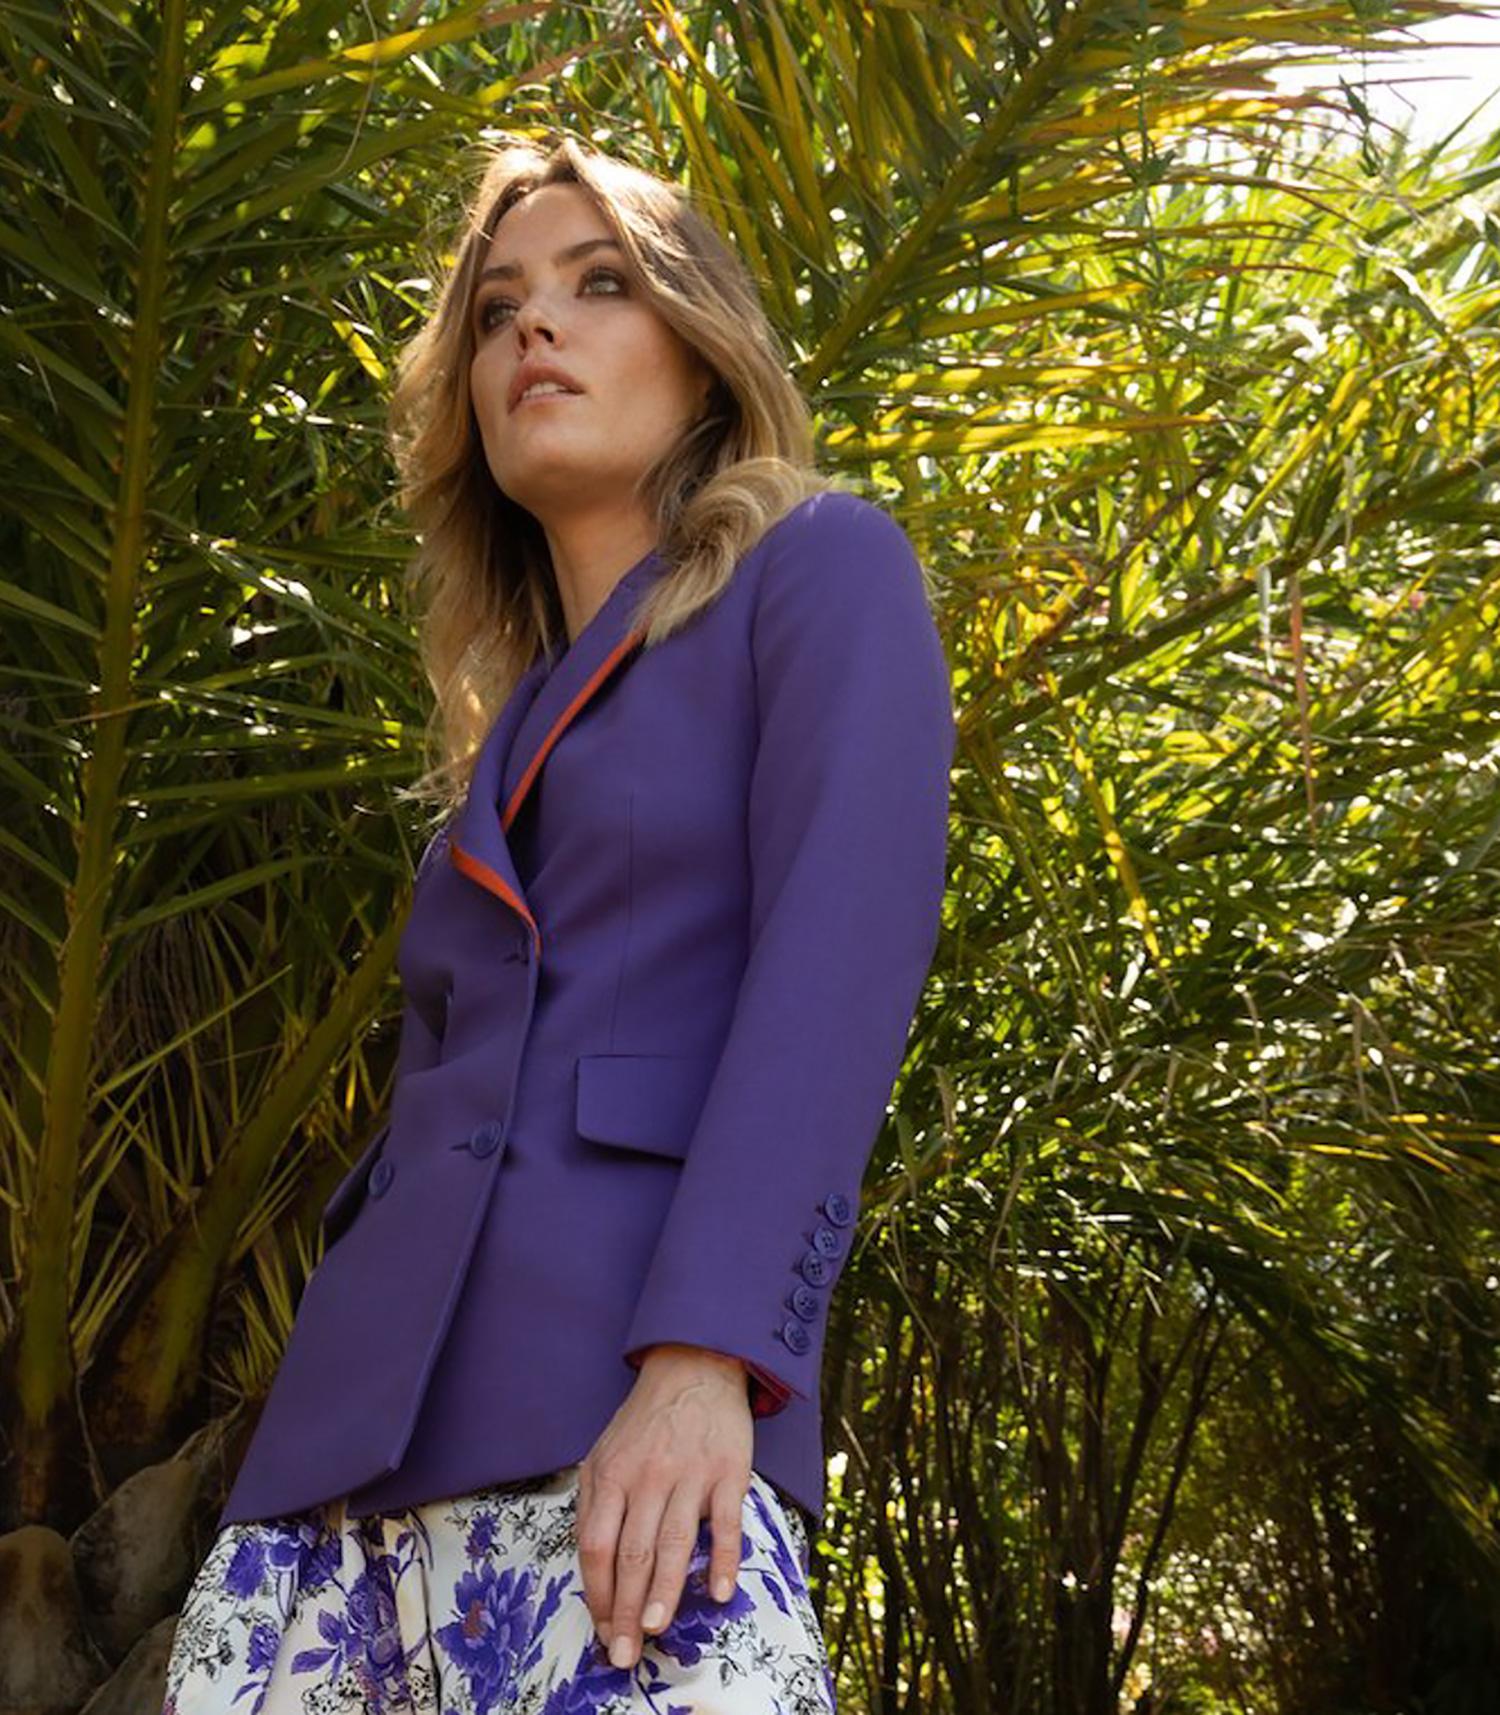 Lilas, violet, violine… Les couleurs du moment?